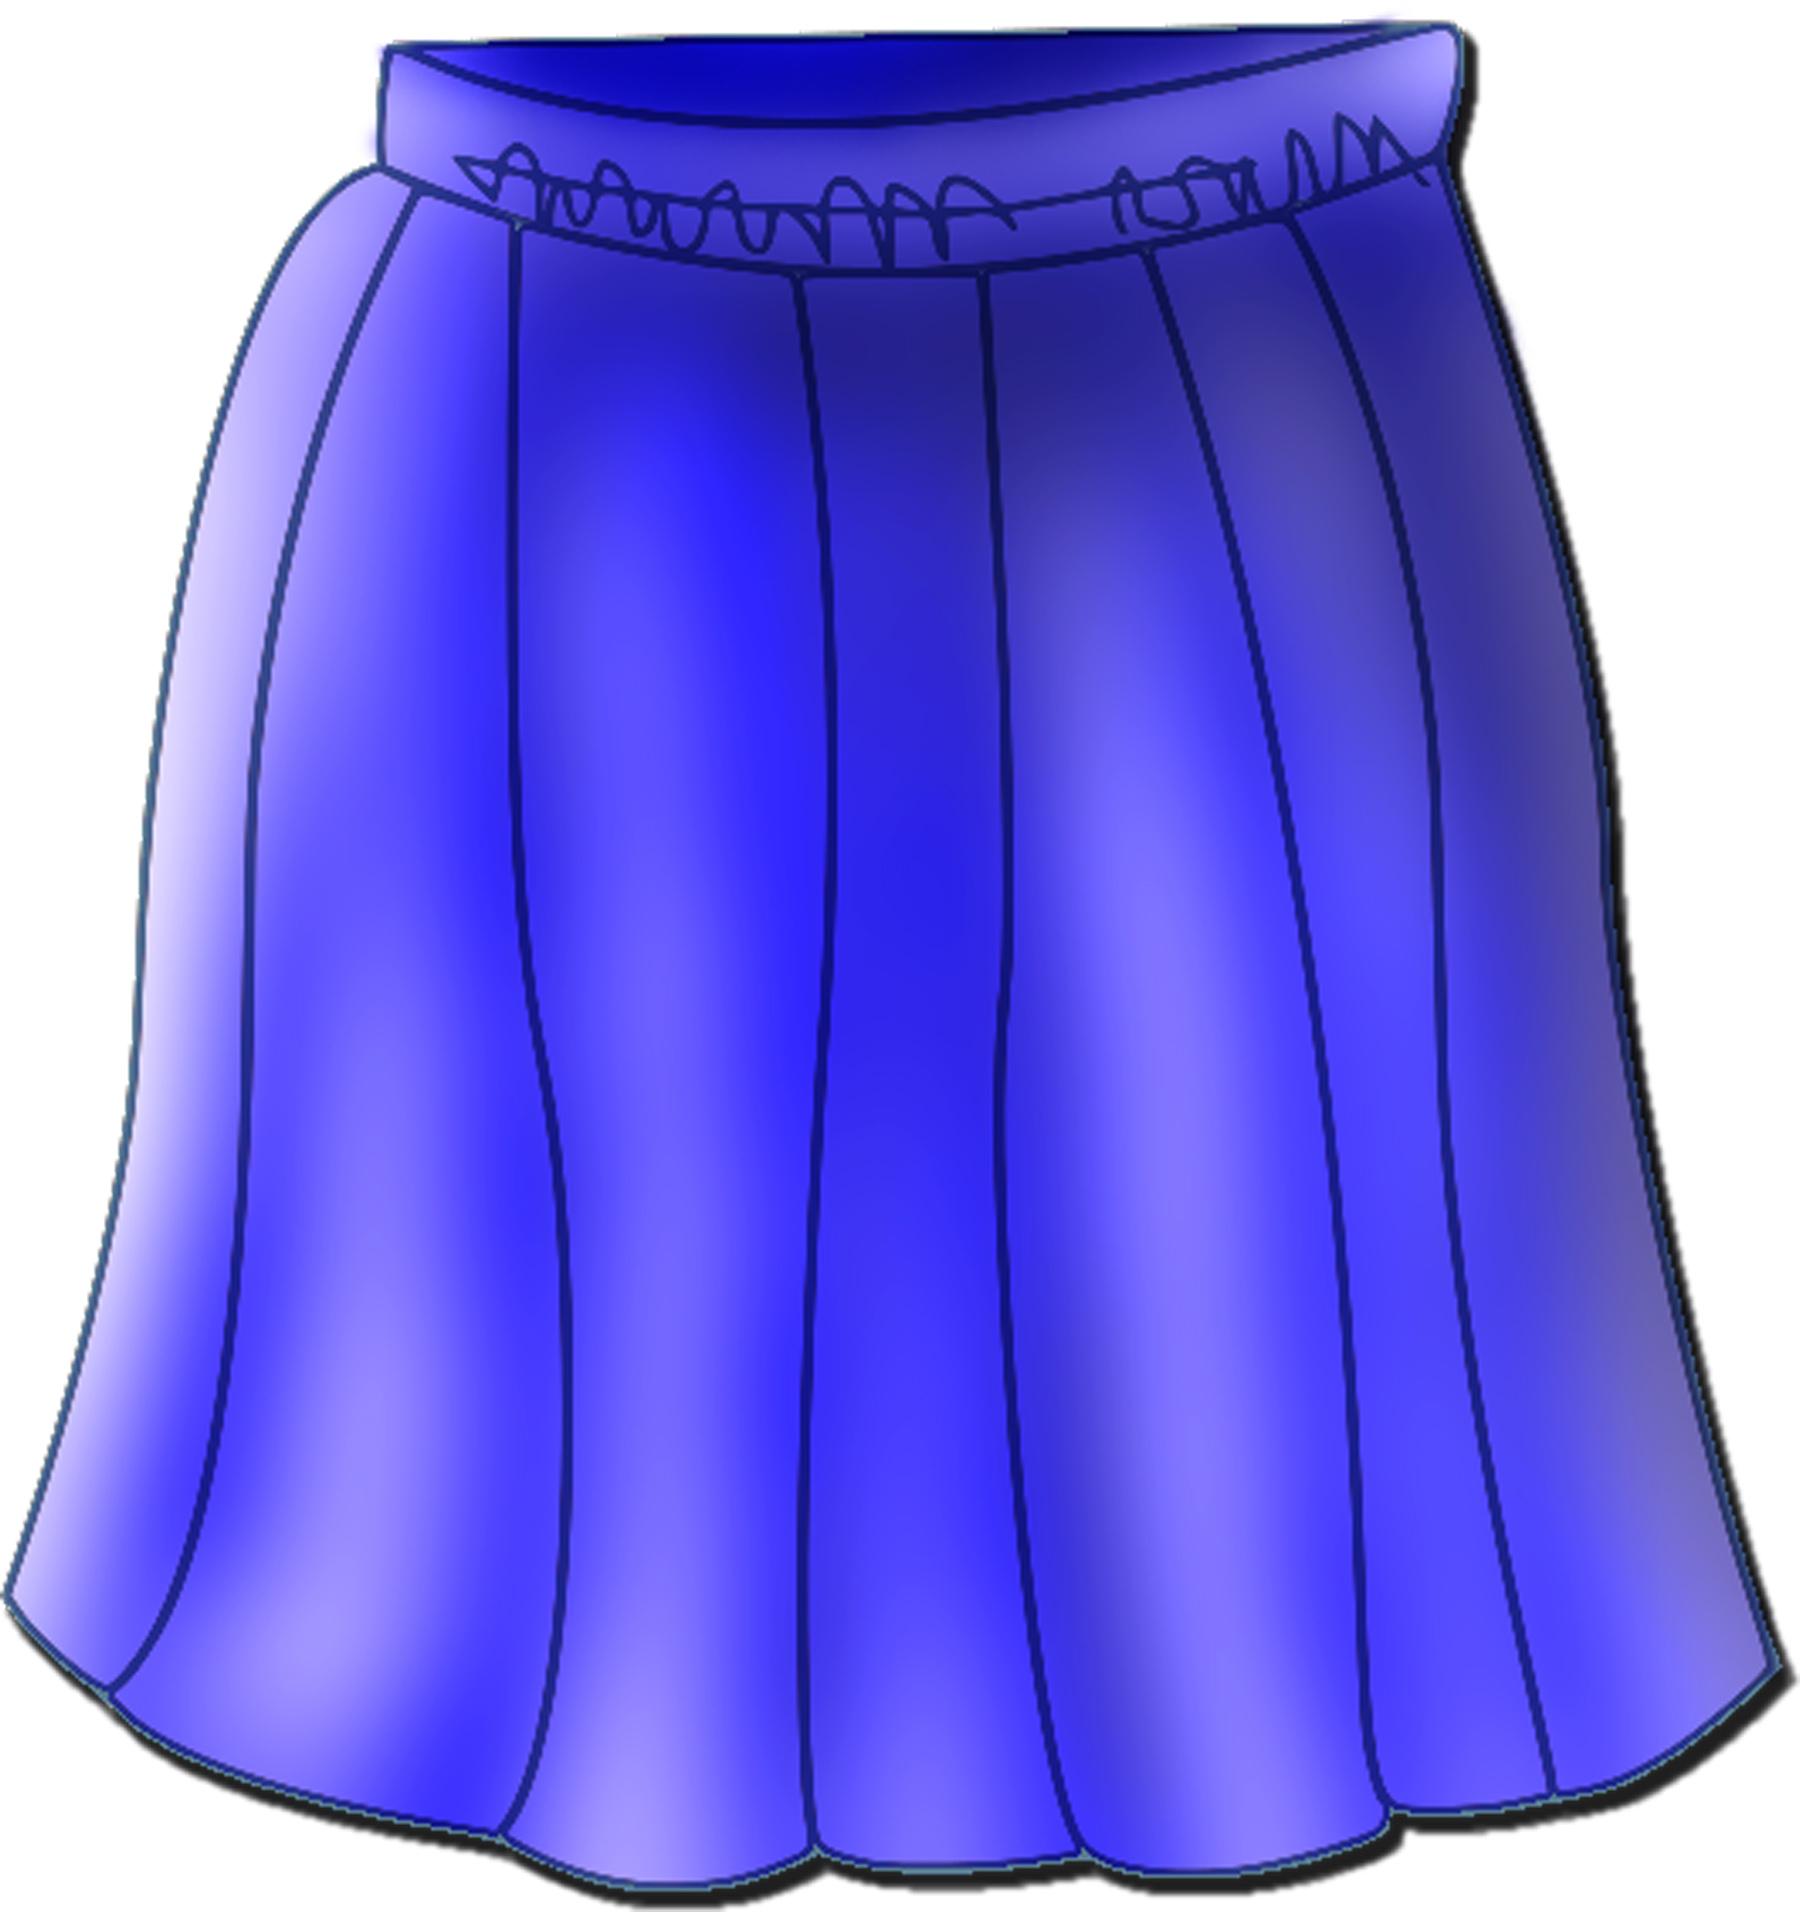 Skirt Clip Art